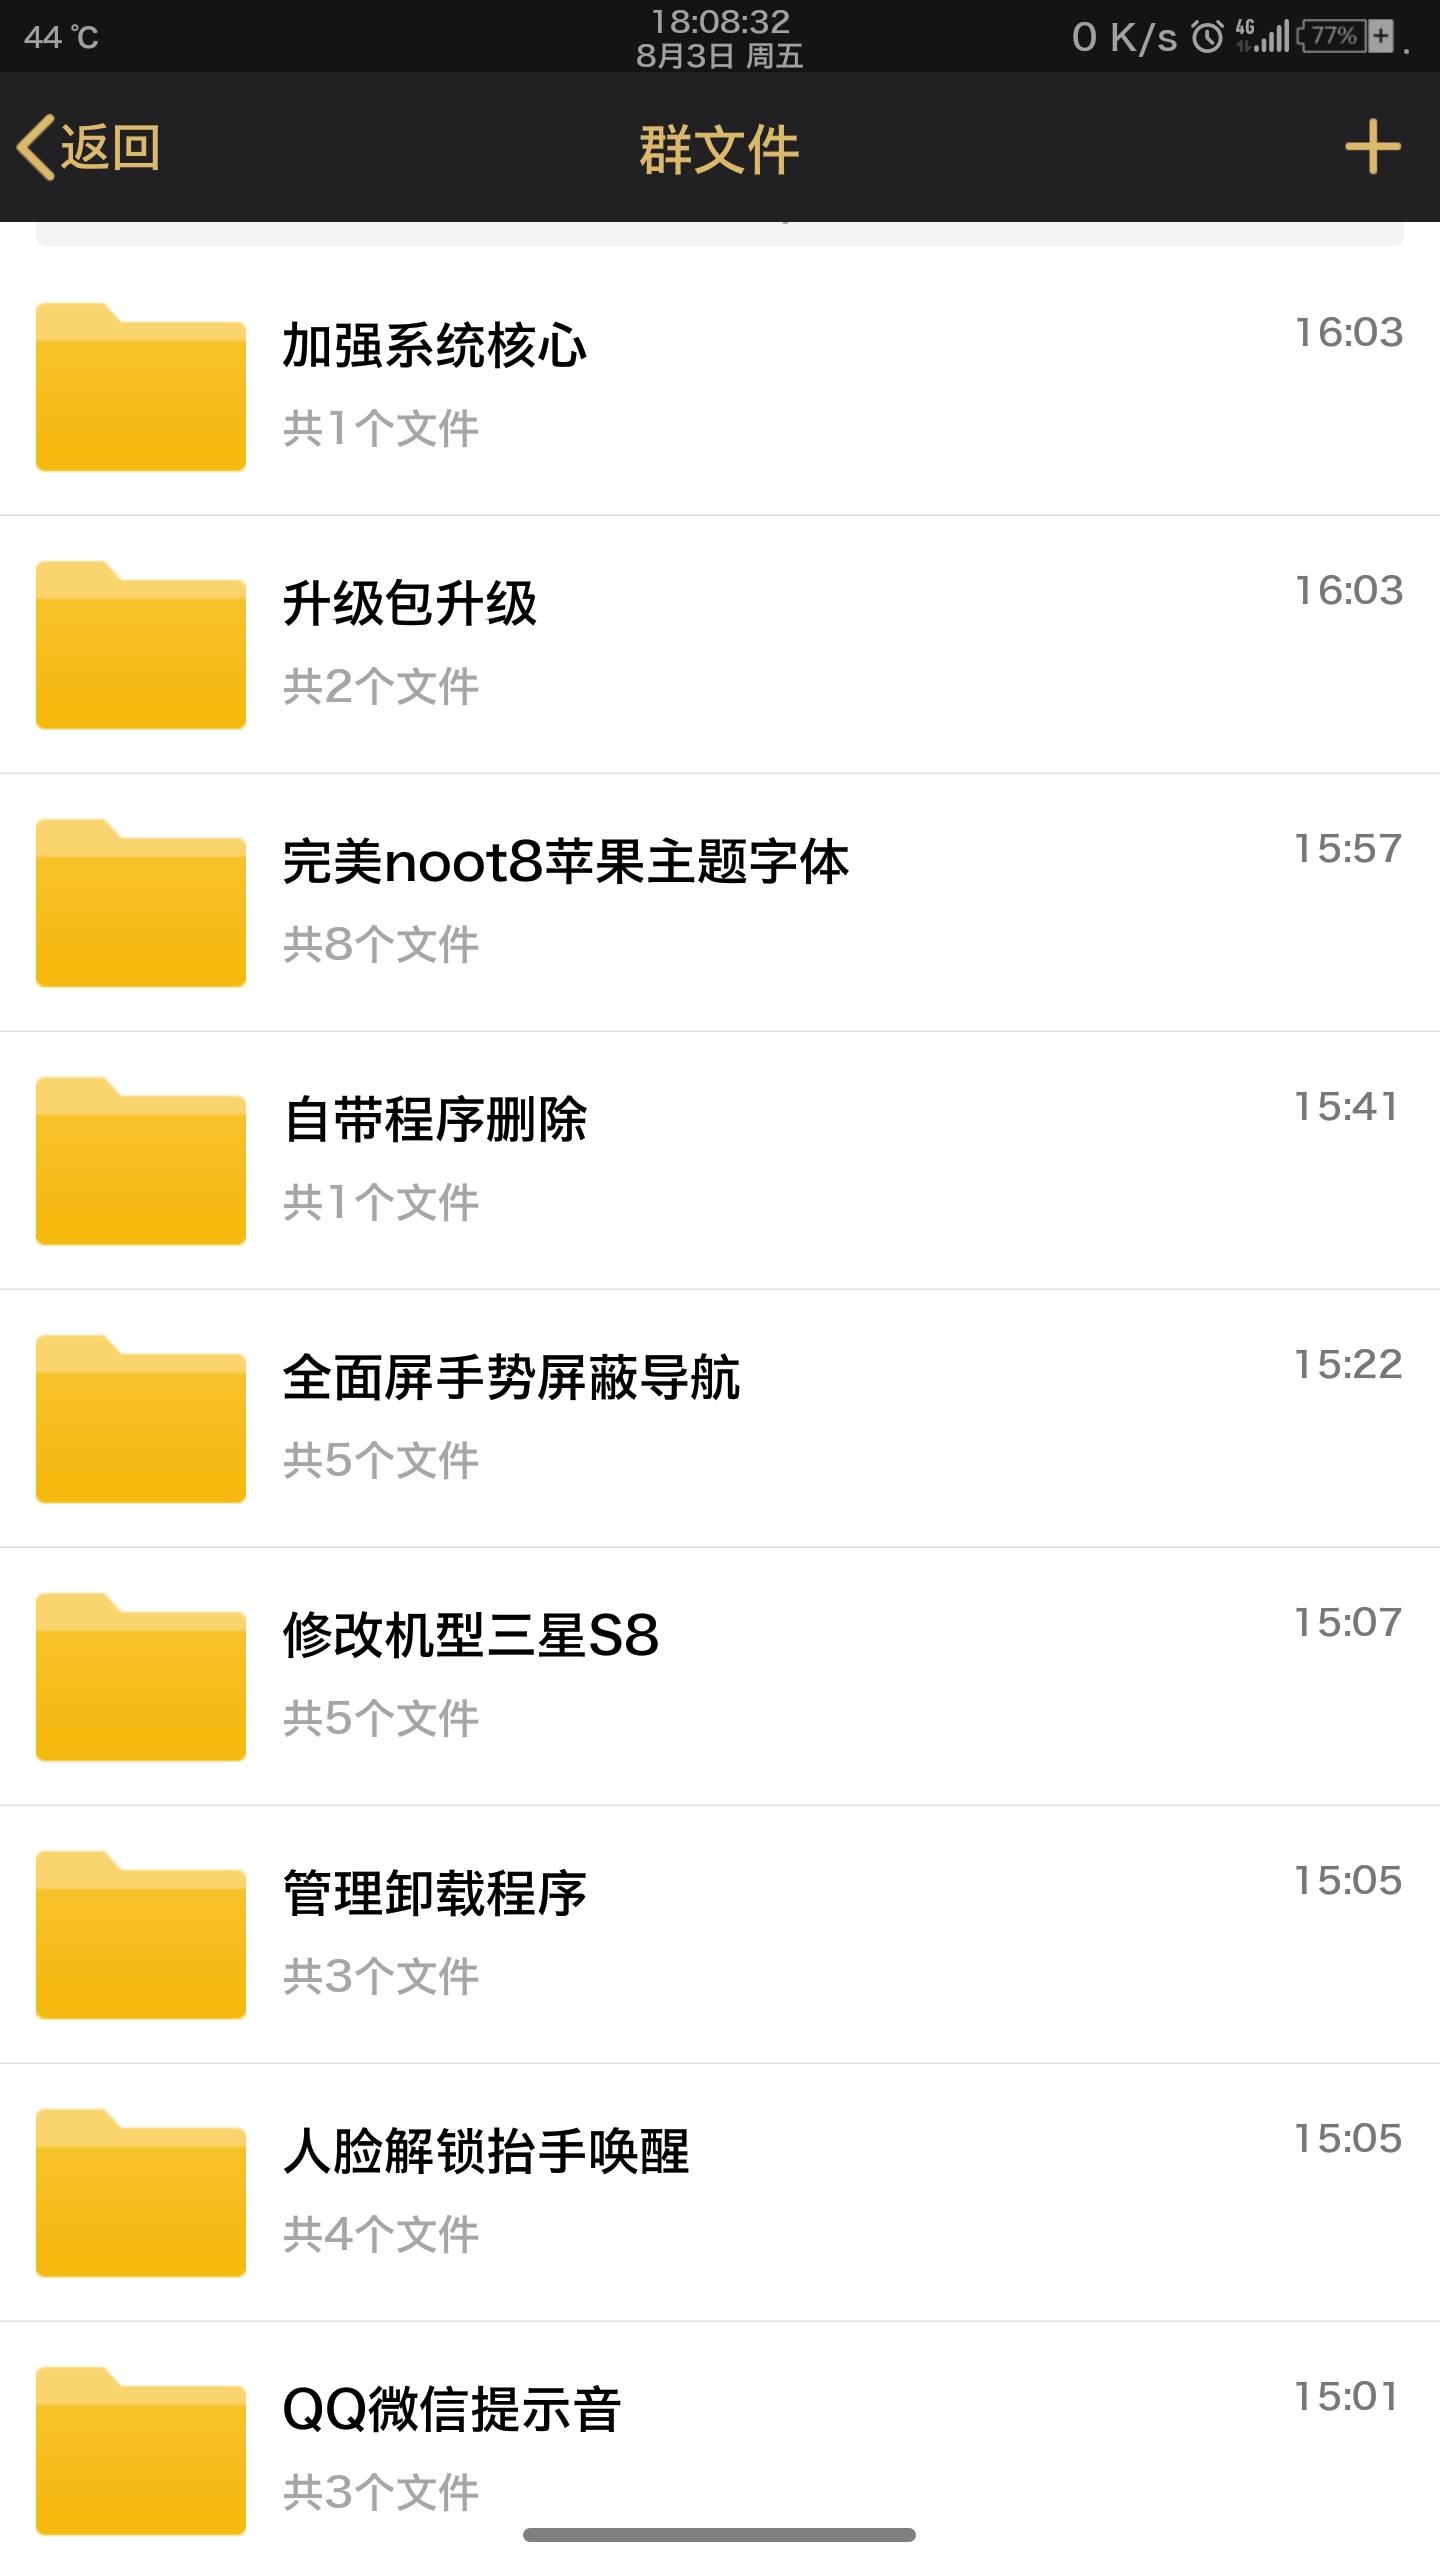 Screenshot_20180803-180832.jpg